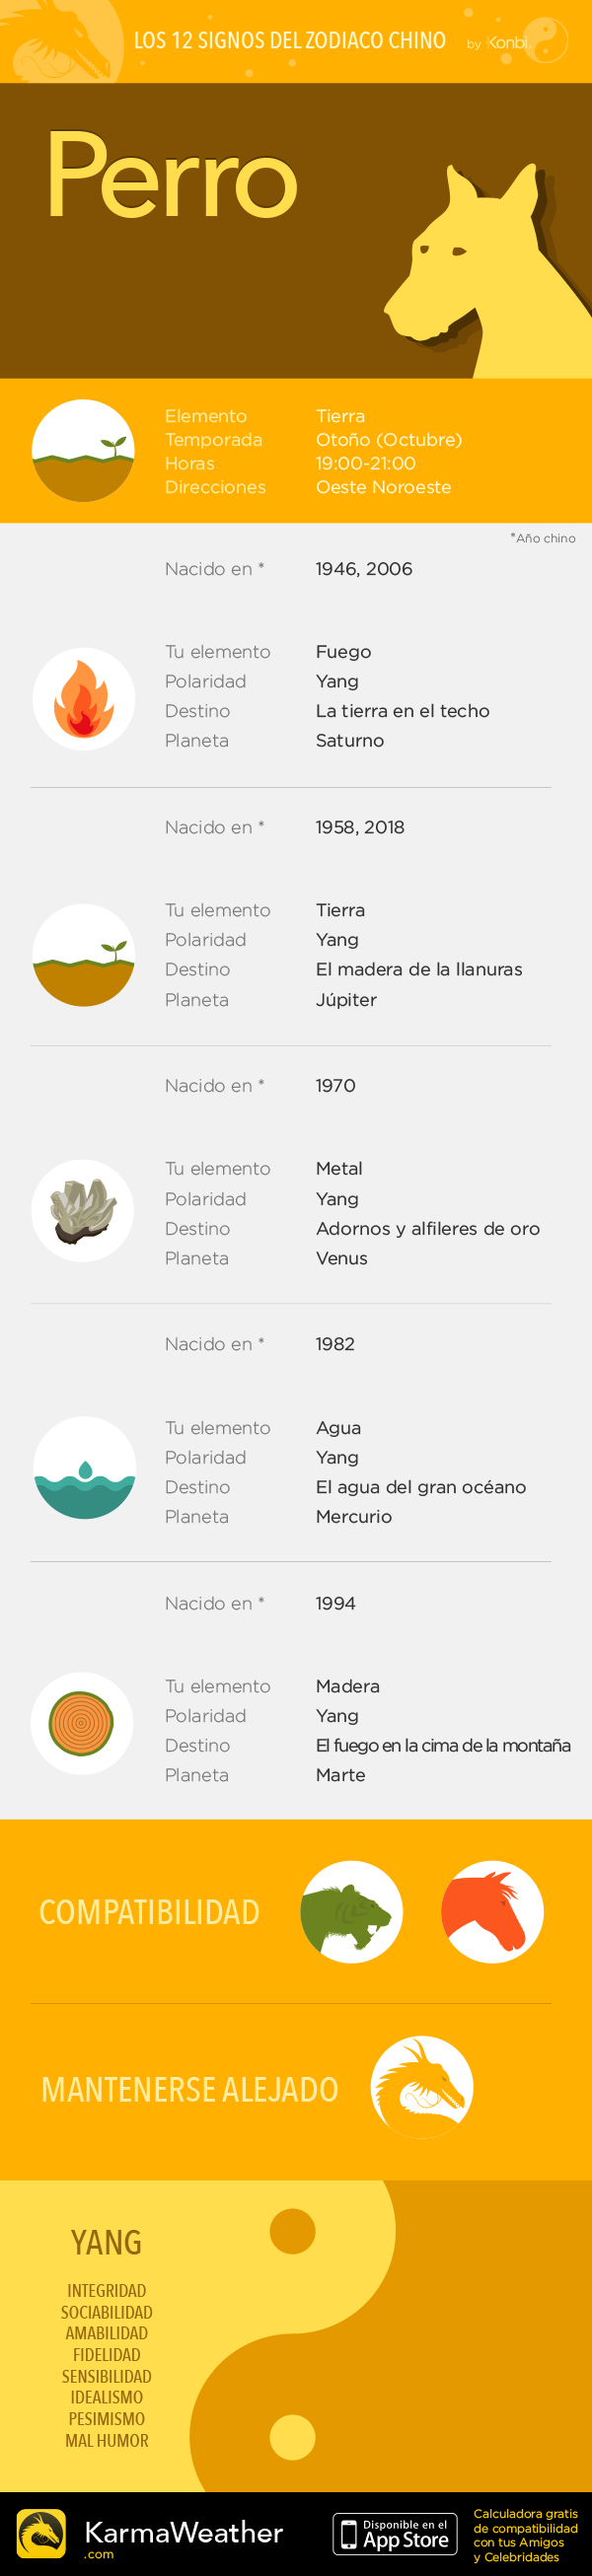 Los 12 signos chinos del calendario chino: el Perro